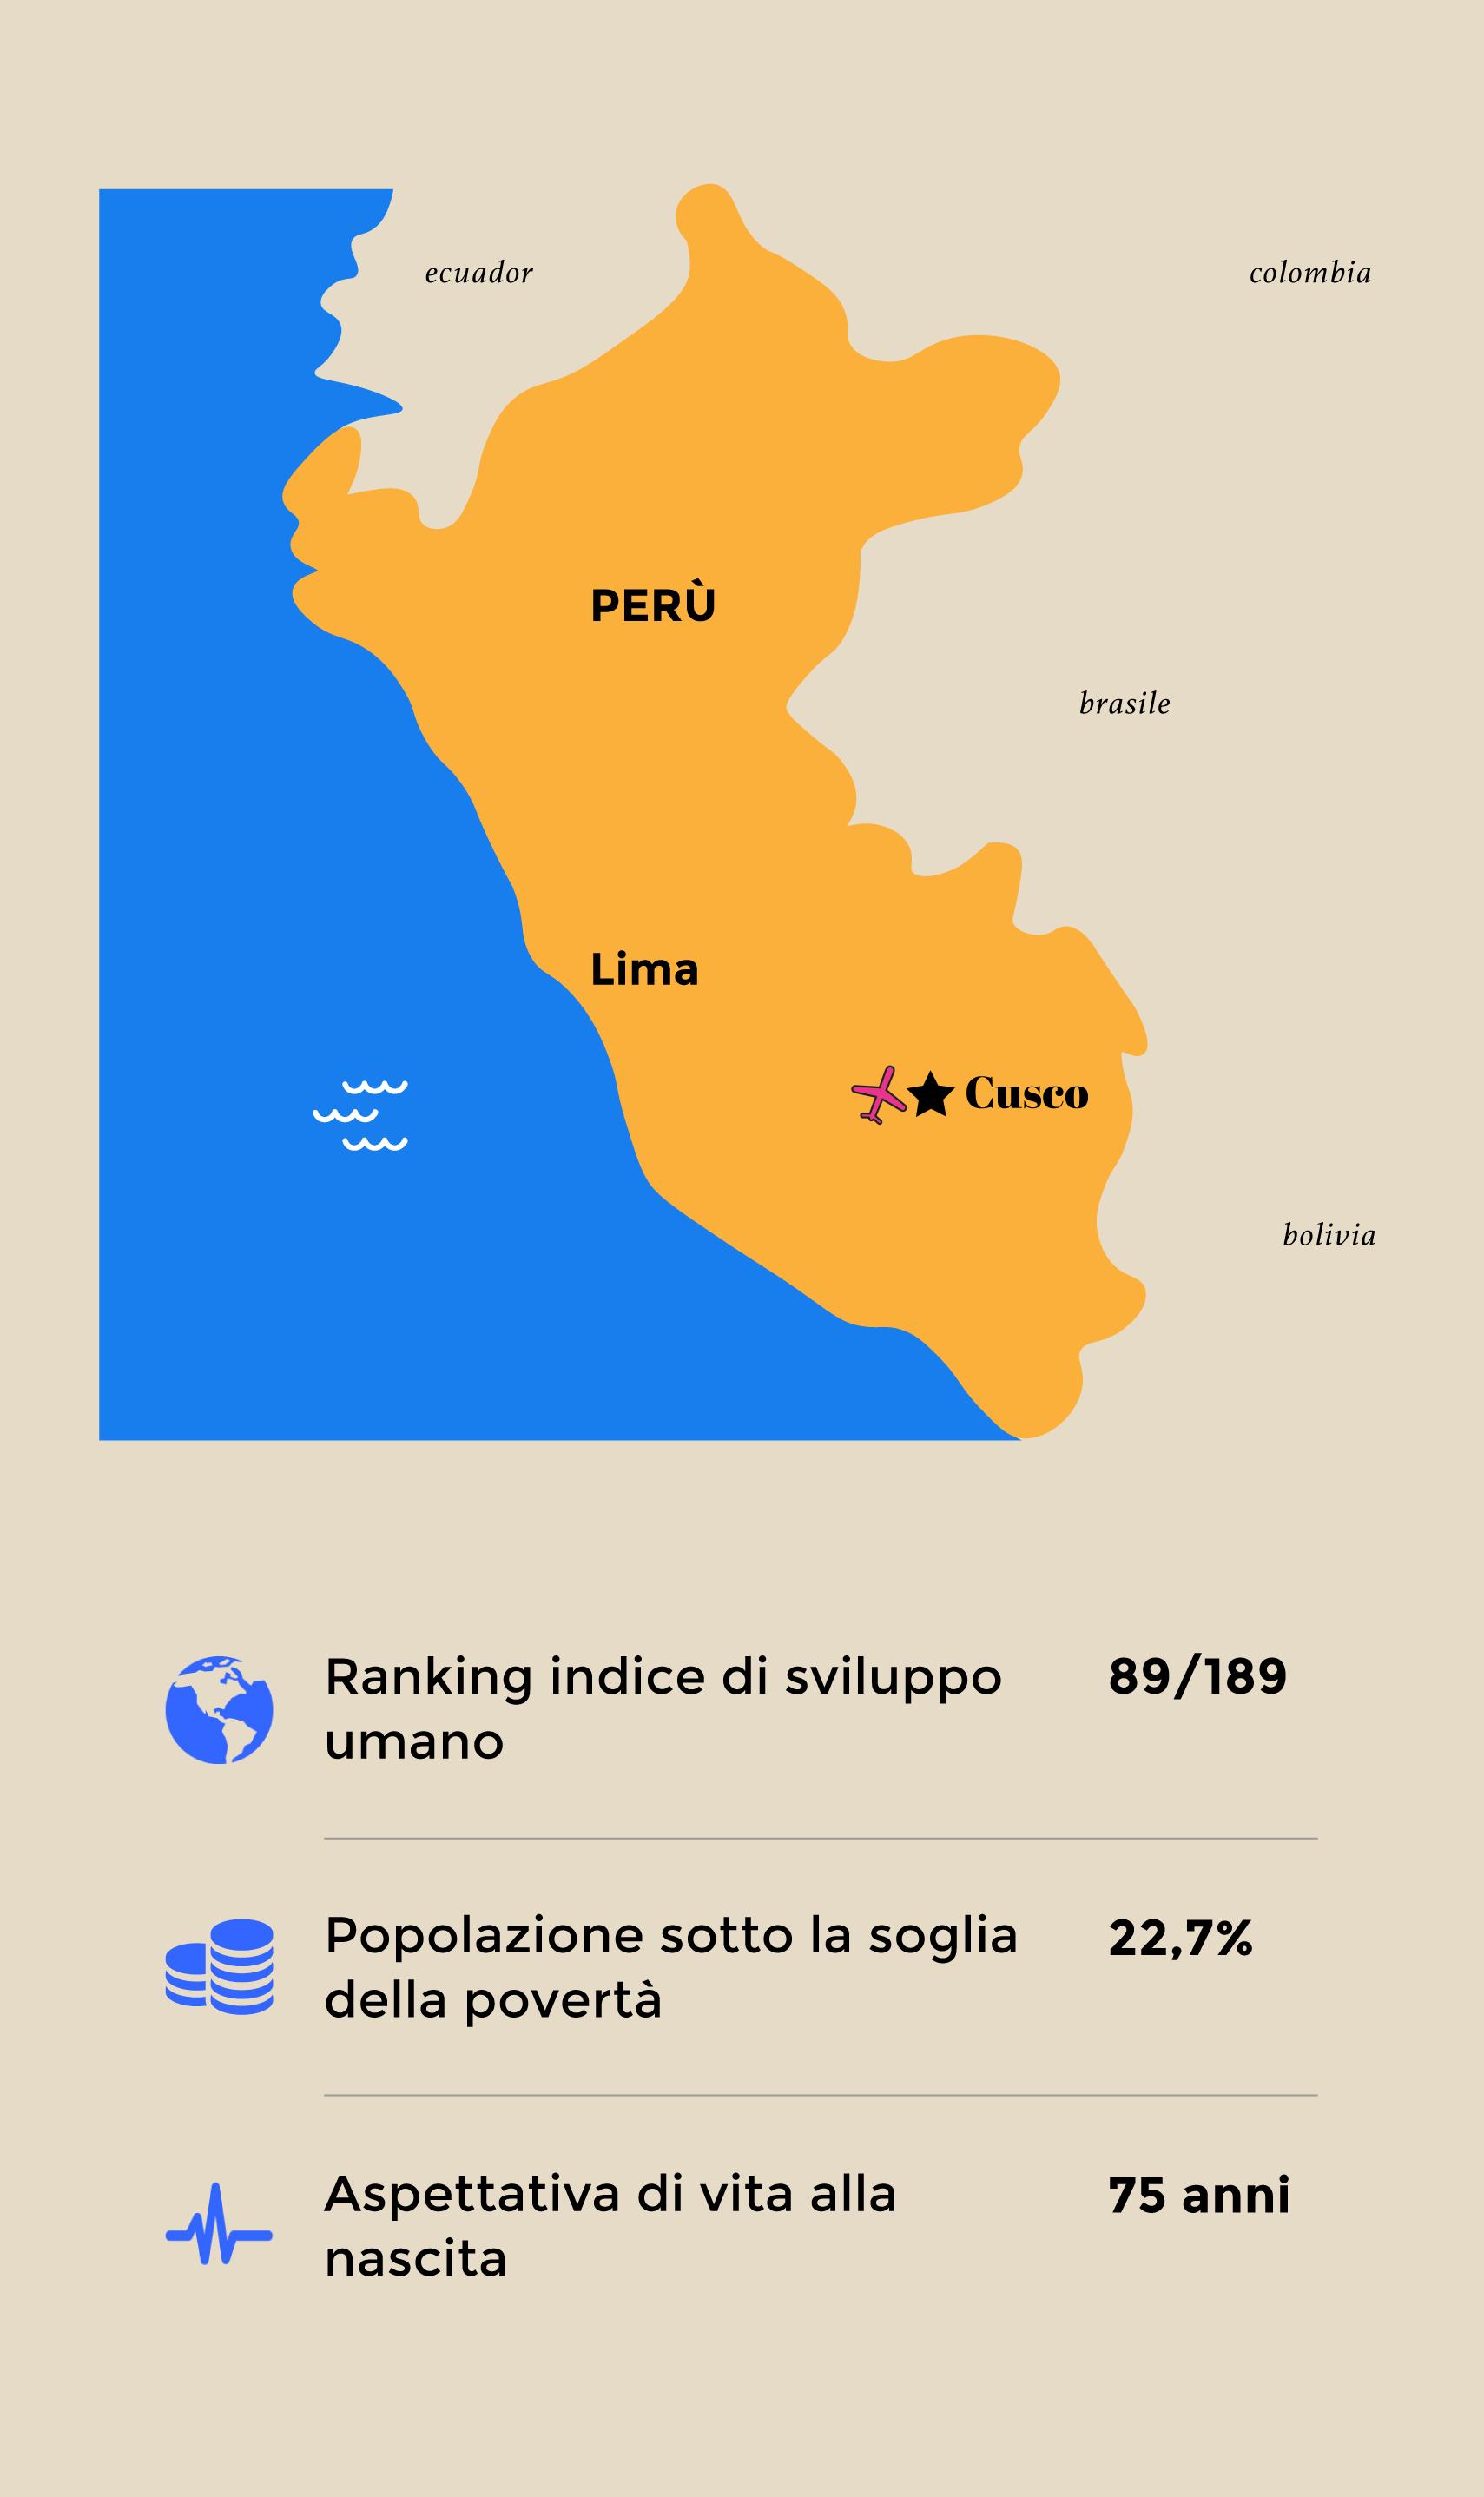 volontariato-internazionale-perù-cusco